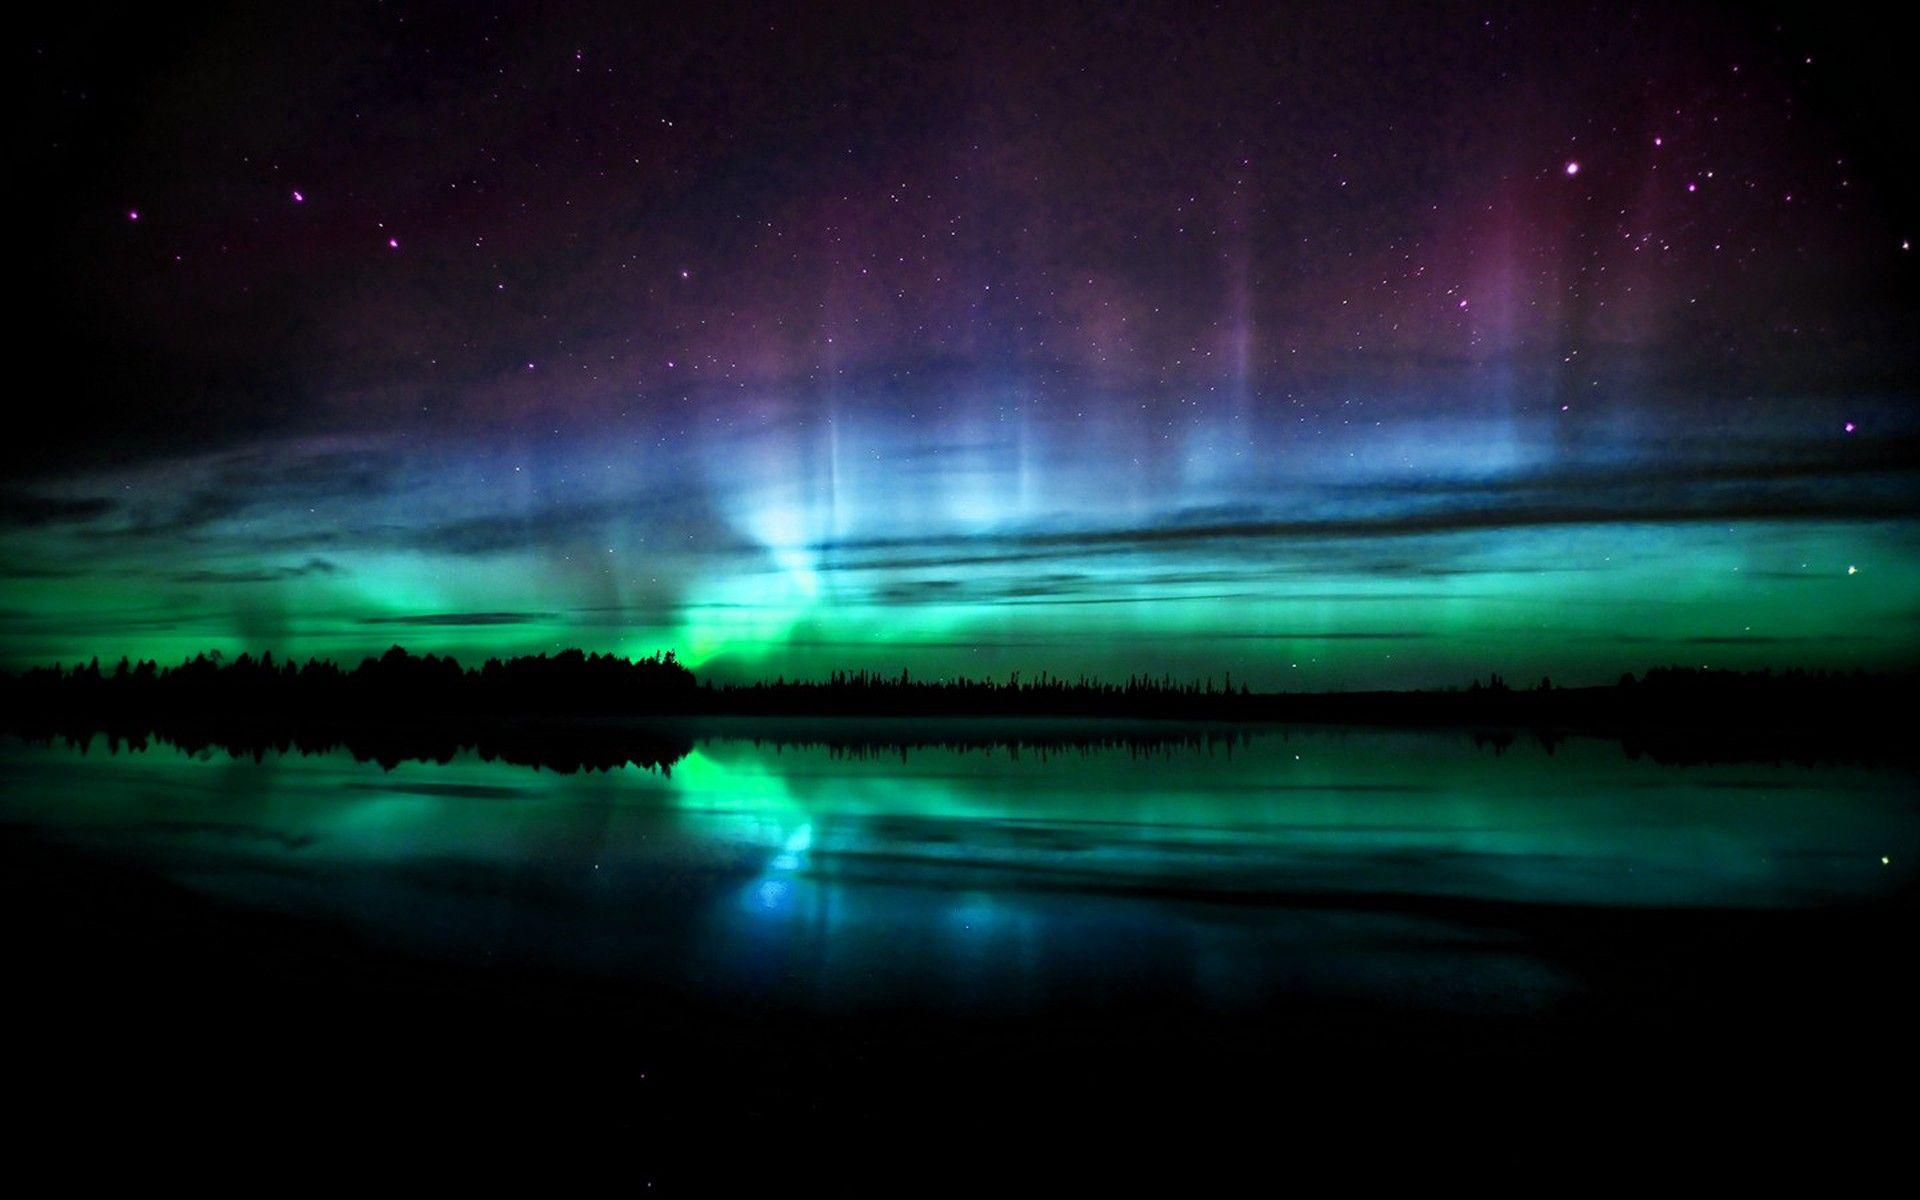 Aurora Northern Lights Wallpaper Northern Lights Aurora Borealis Northern Lights